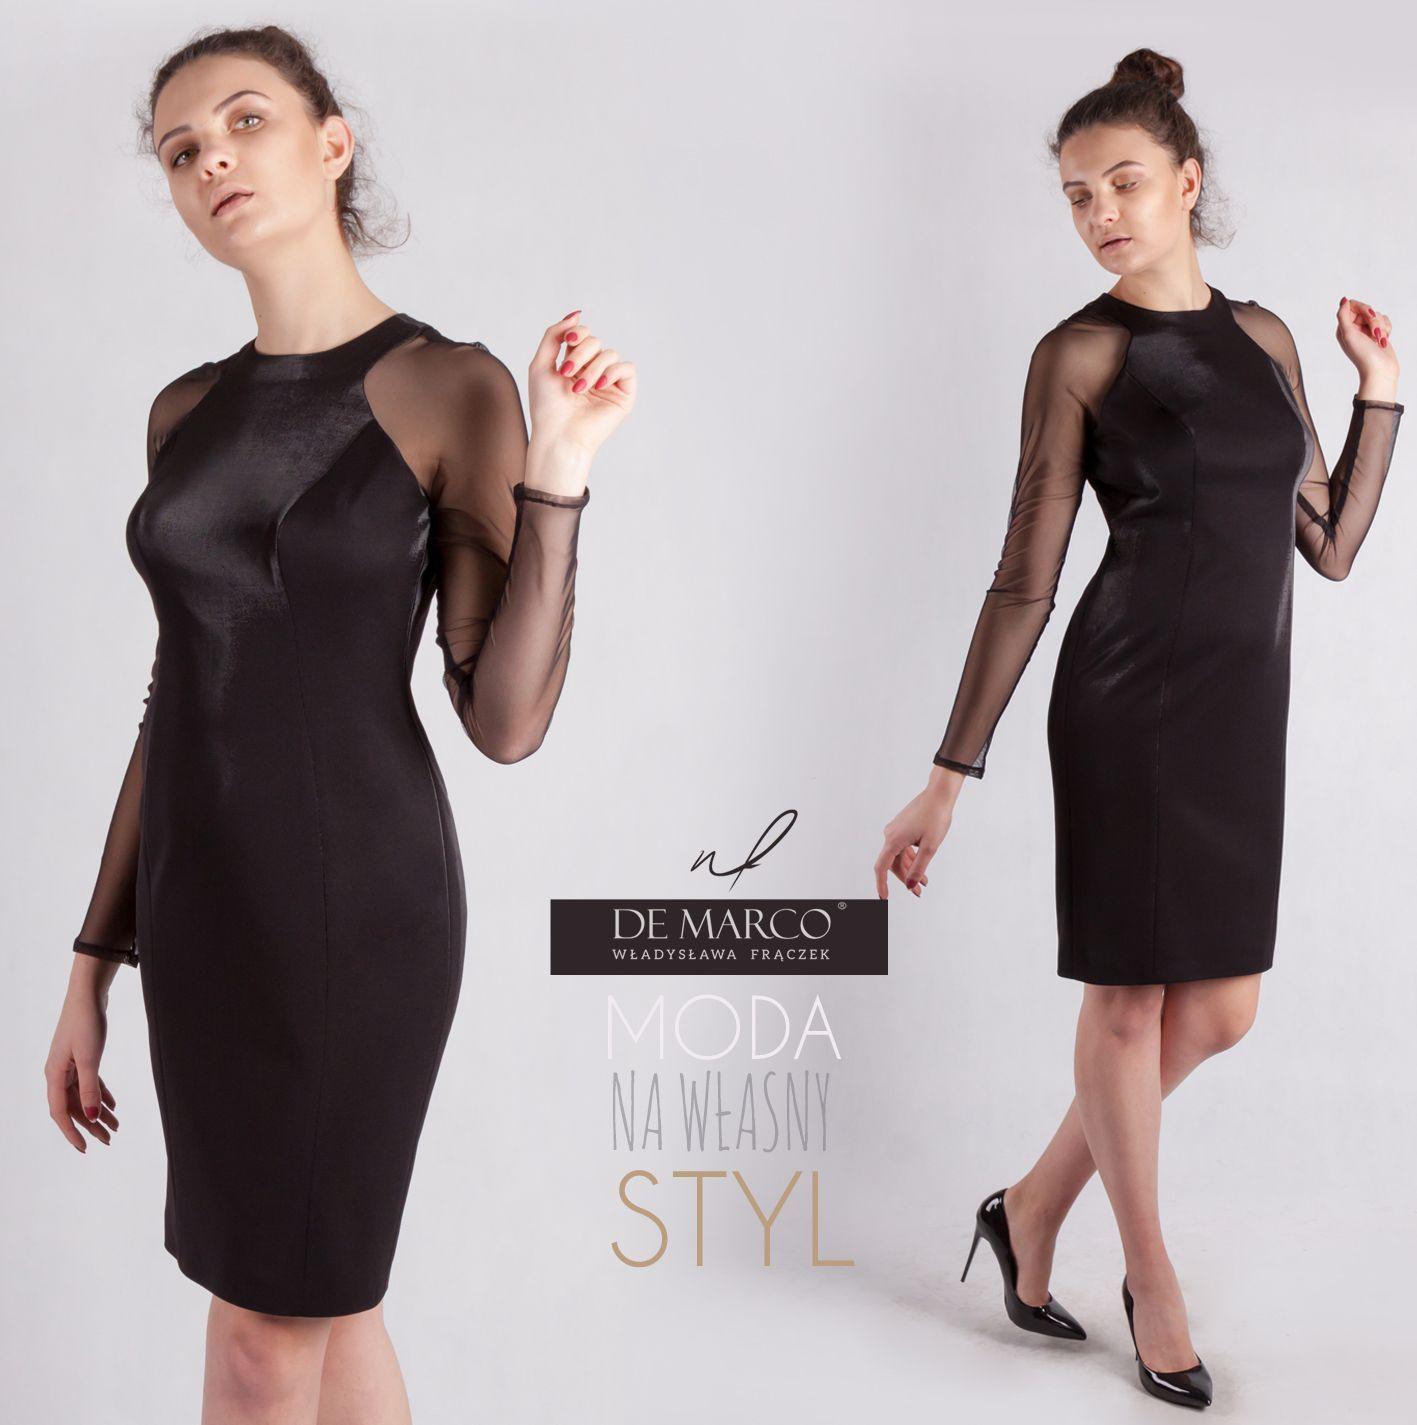 8a2c59785b7756 De Marco sklep exclusive sukienki na każdą okazję. #demarco #frydrychowice # sukienka #